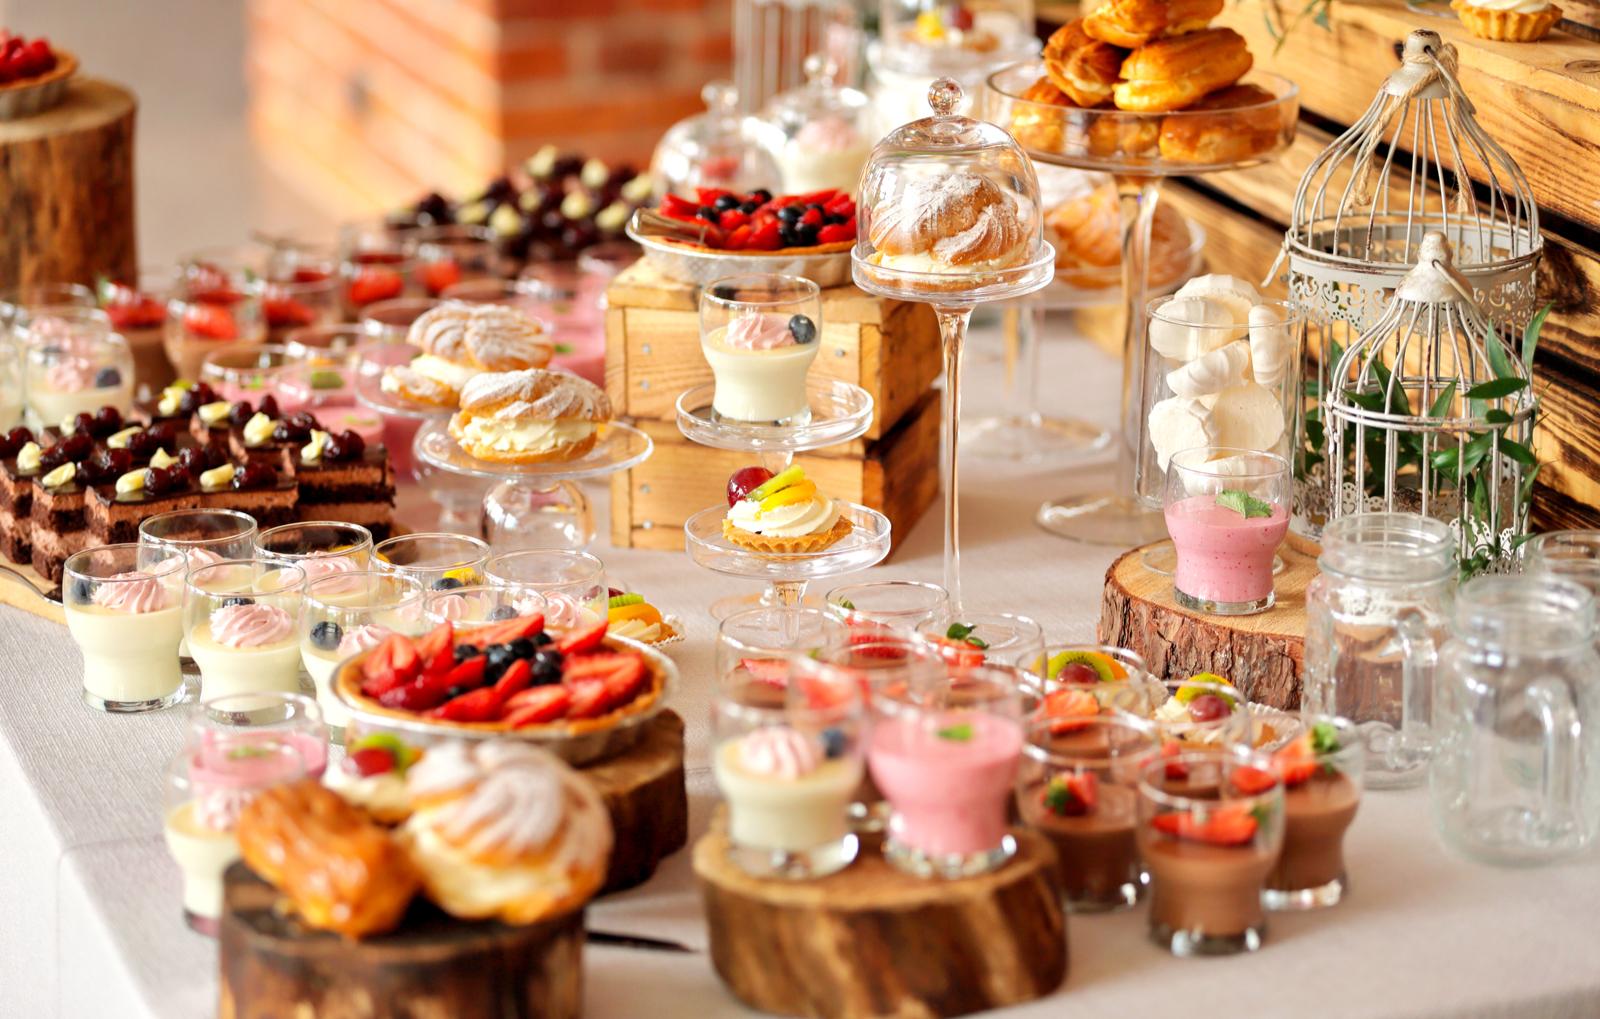 dessertkreationen-bad-vilbel-bg2